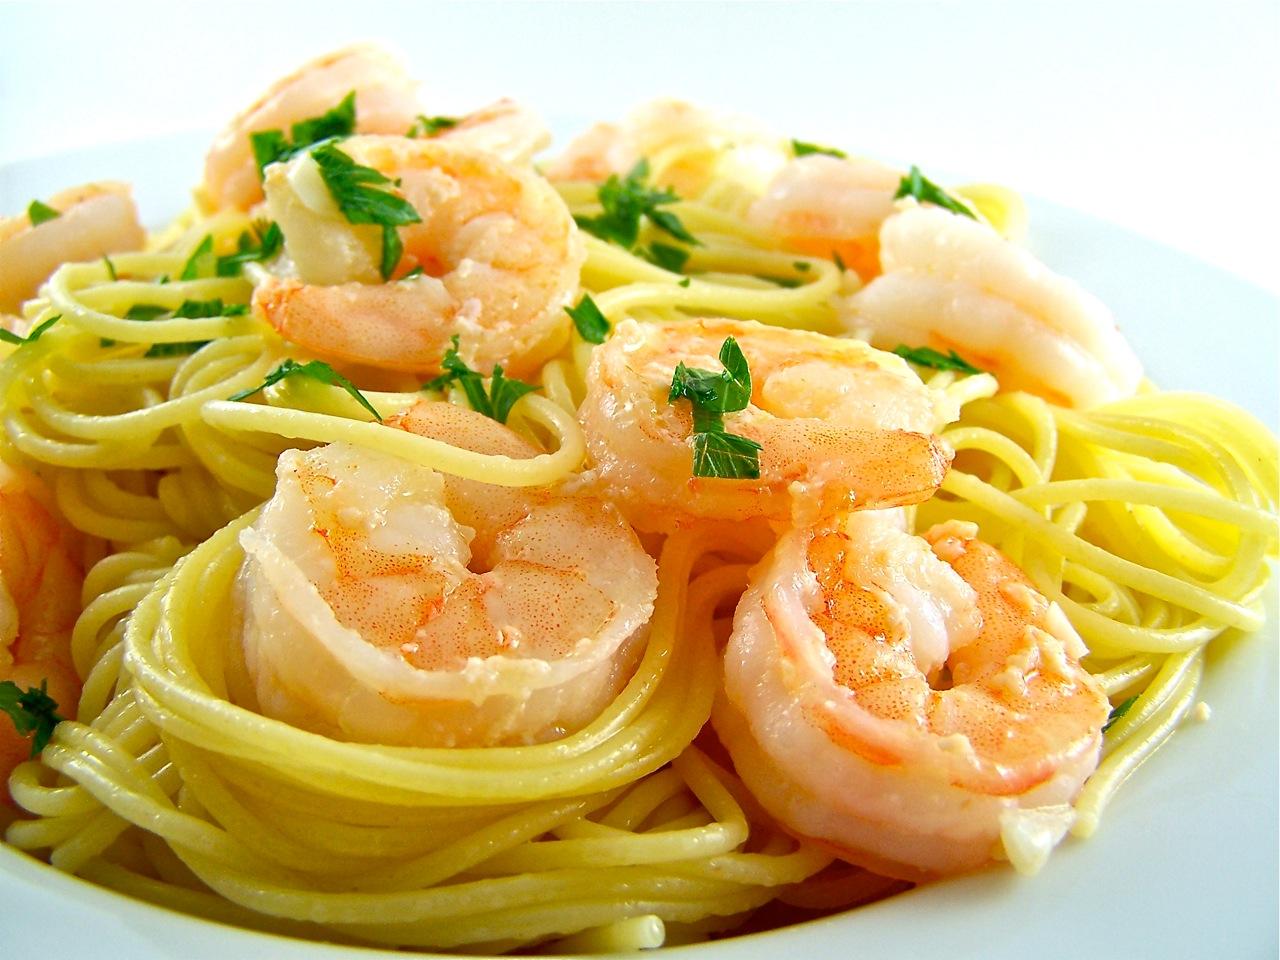 artichokes shrimp scampi pasta shrimp scampi bake lemony shrimp scampi ...